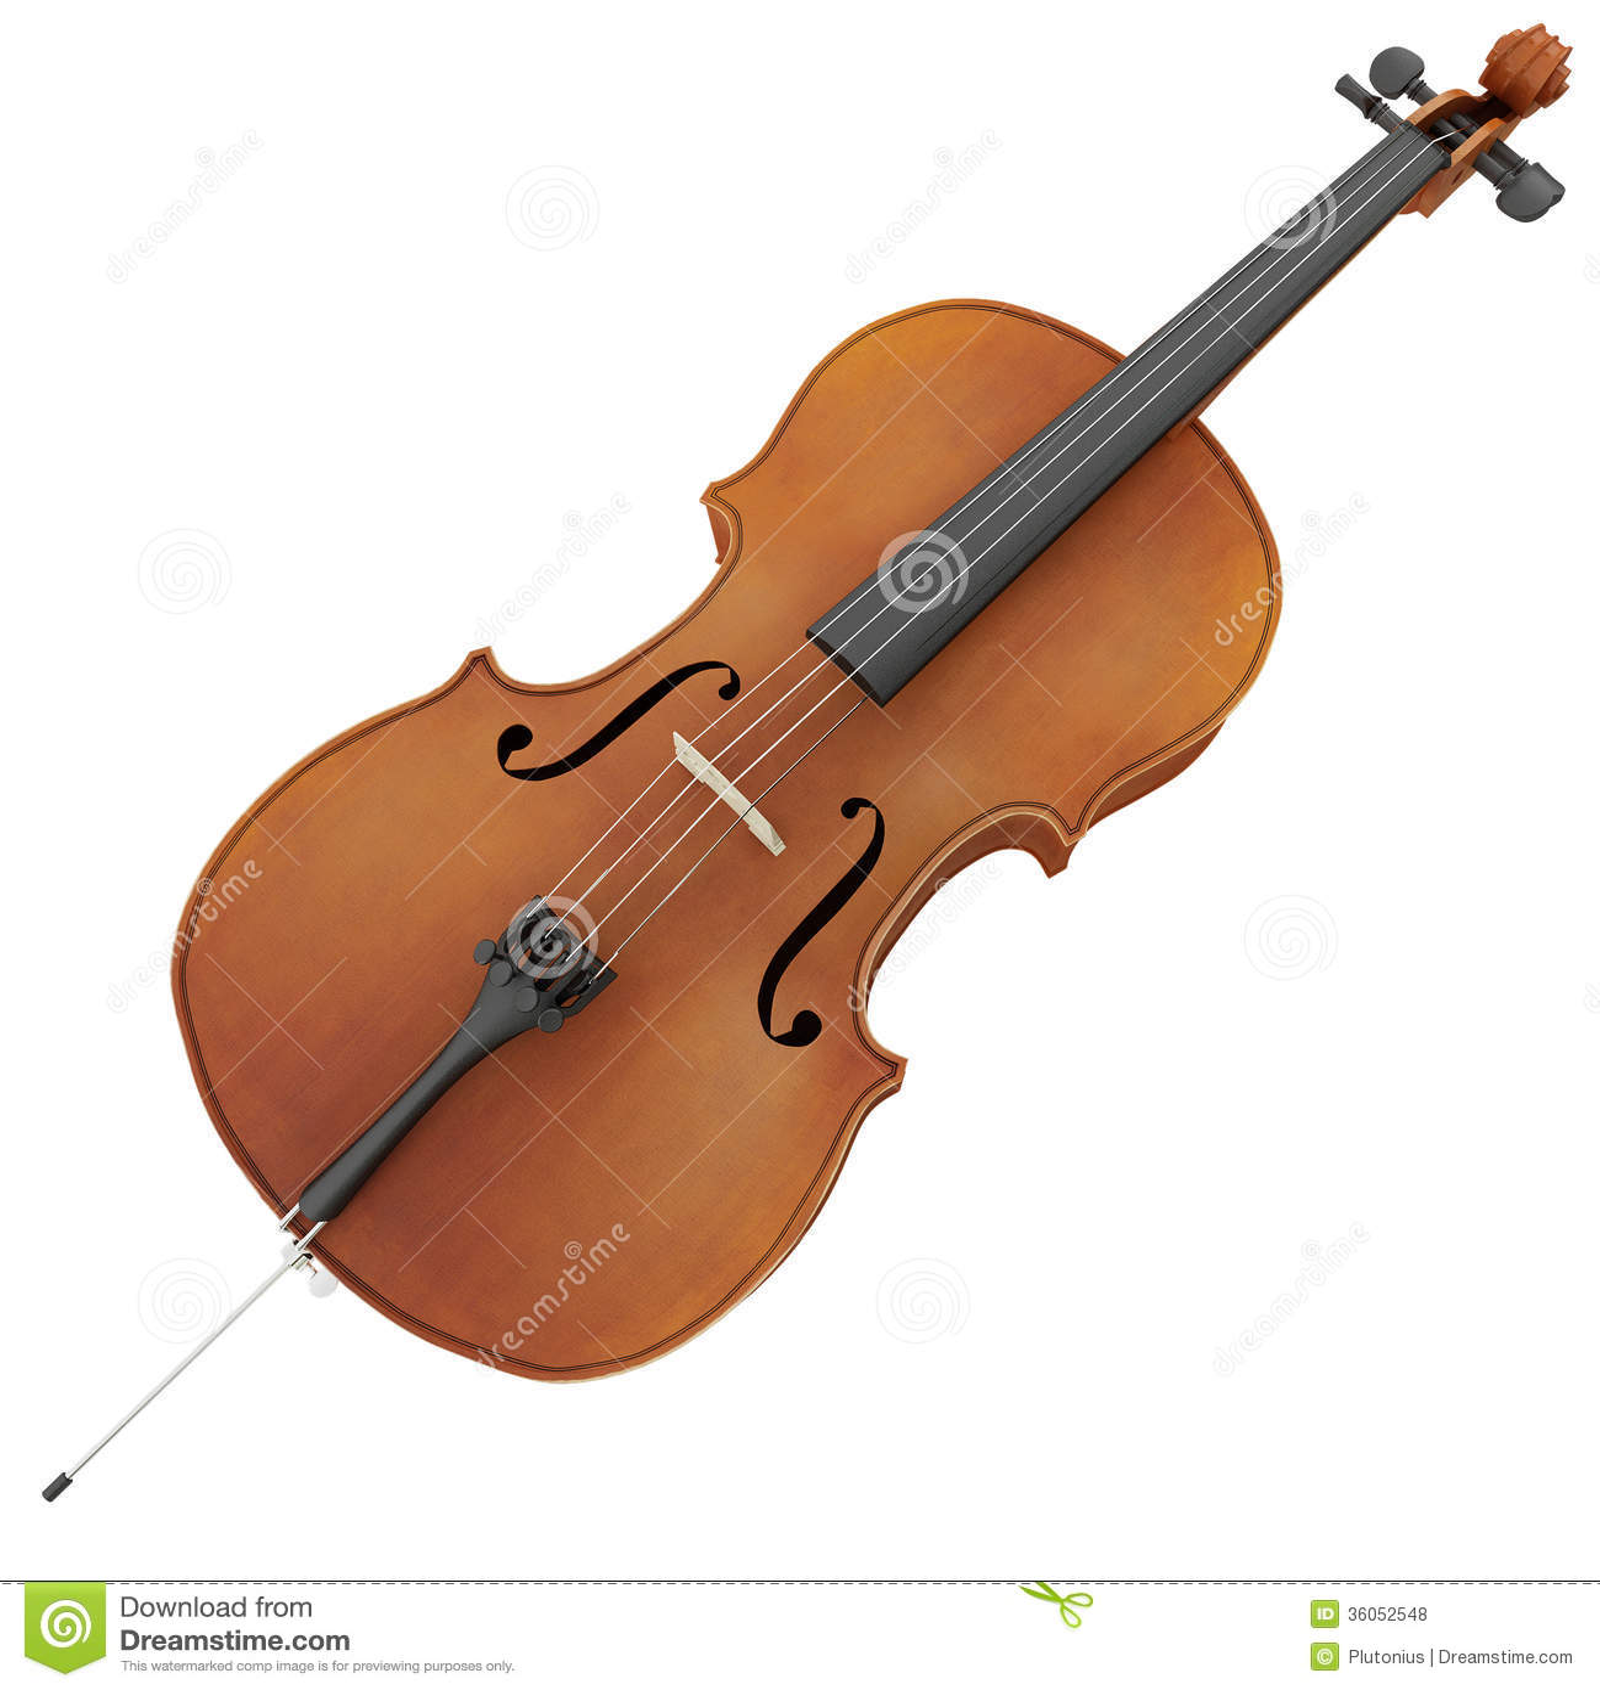 Cello cartoon cello player stock photography image 32561422 - 3d Rendering Of A Cello Royalty Free Stock Photos